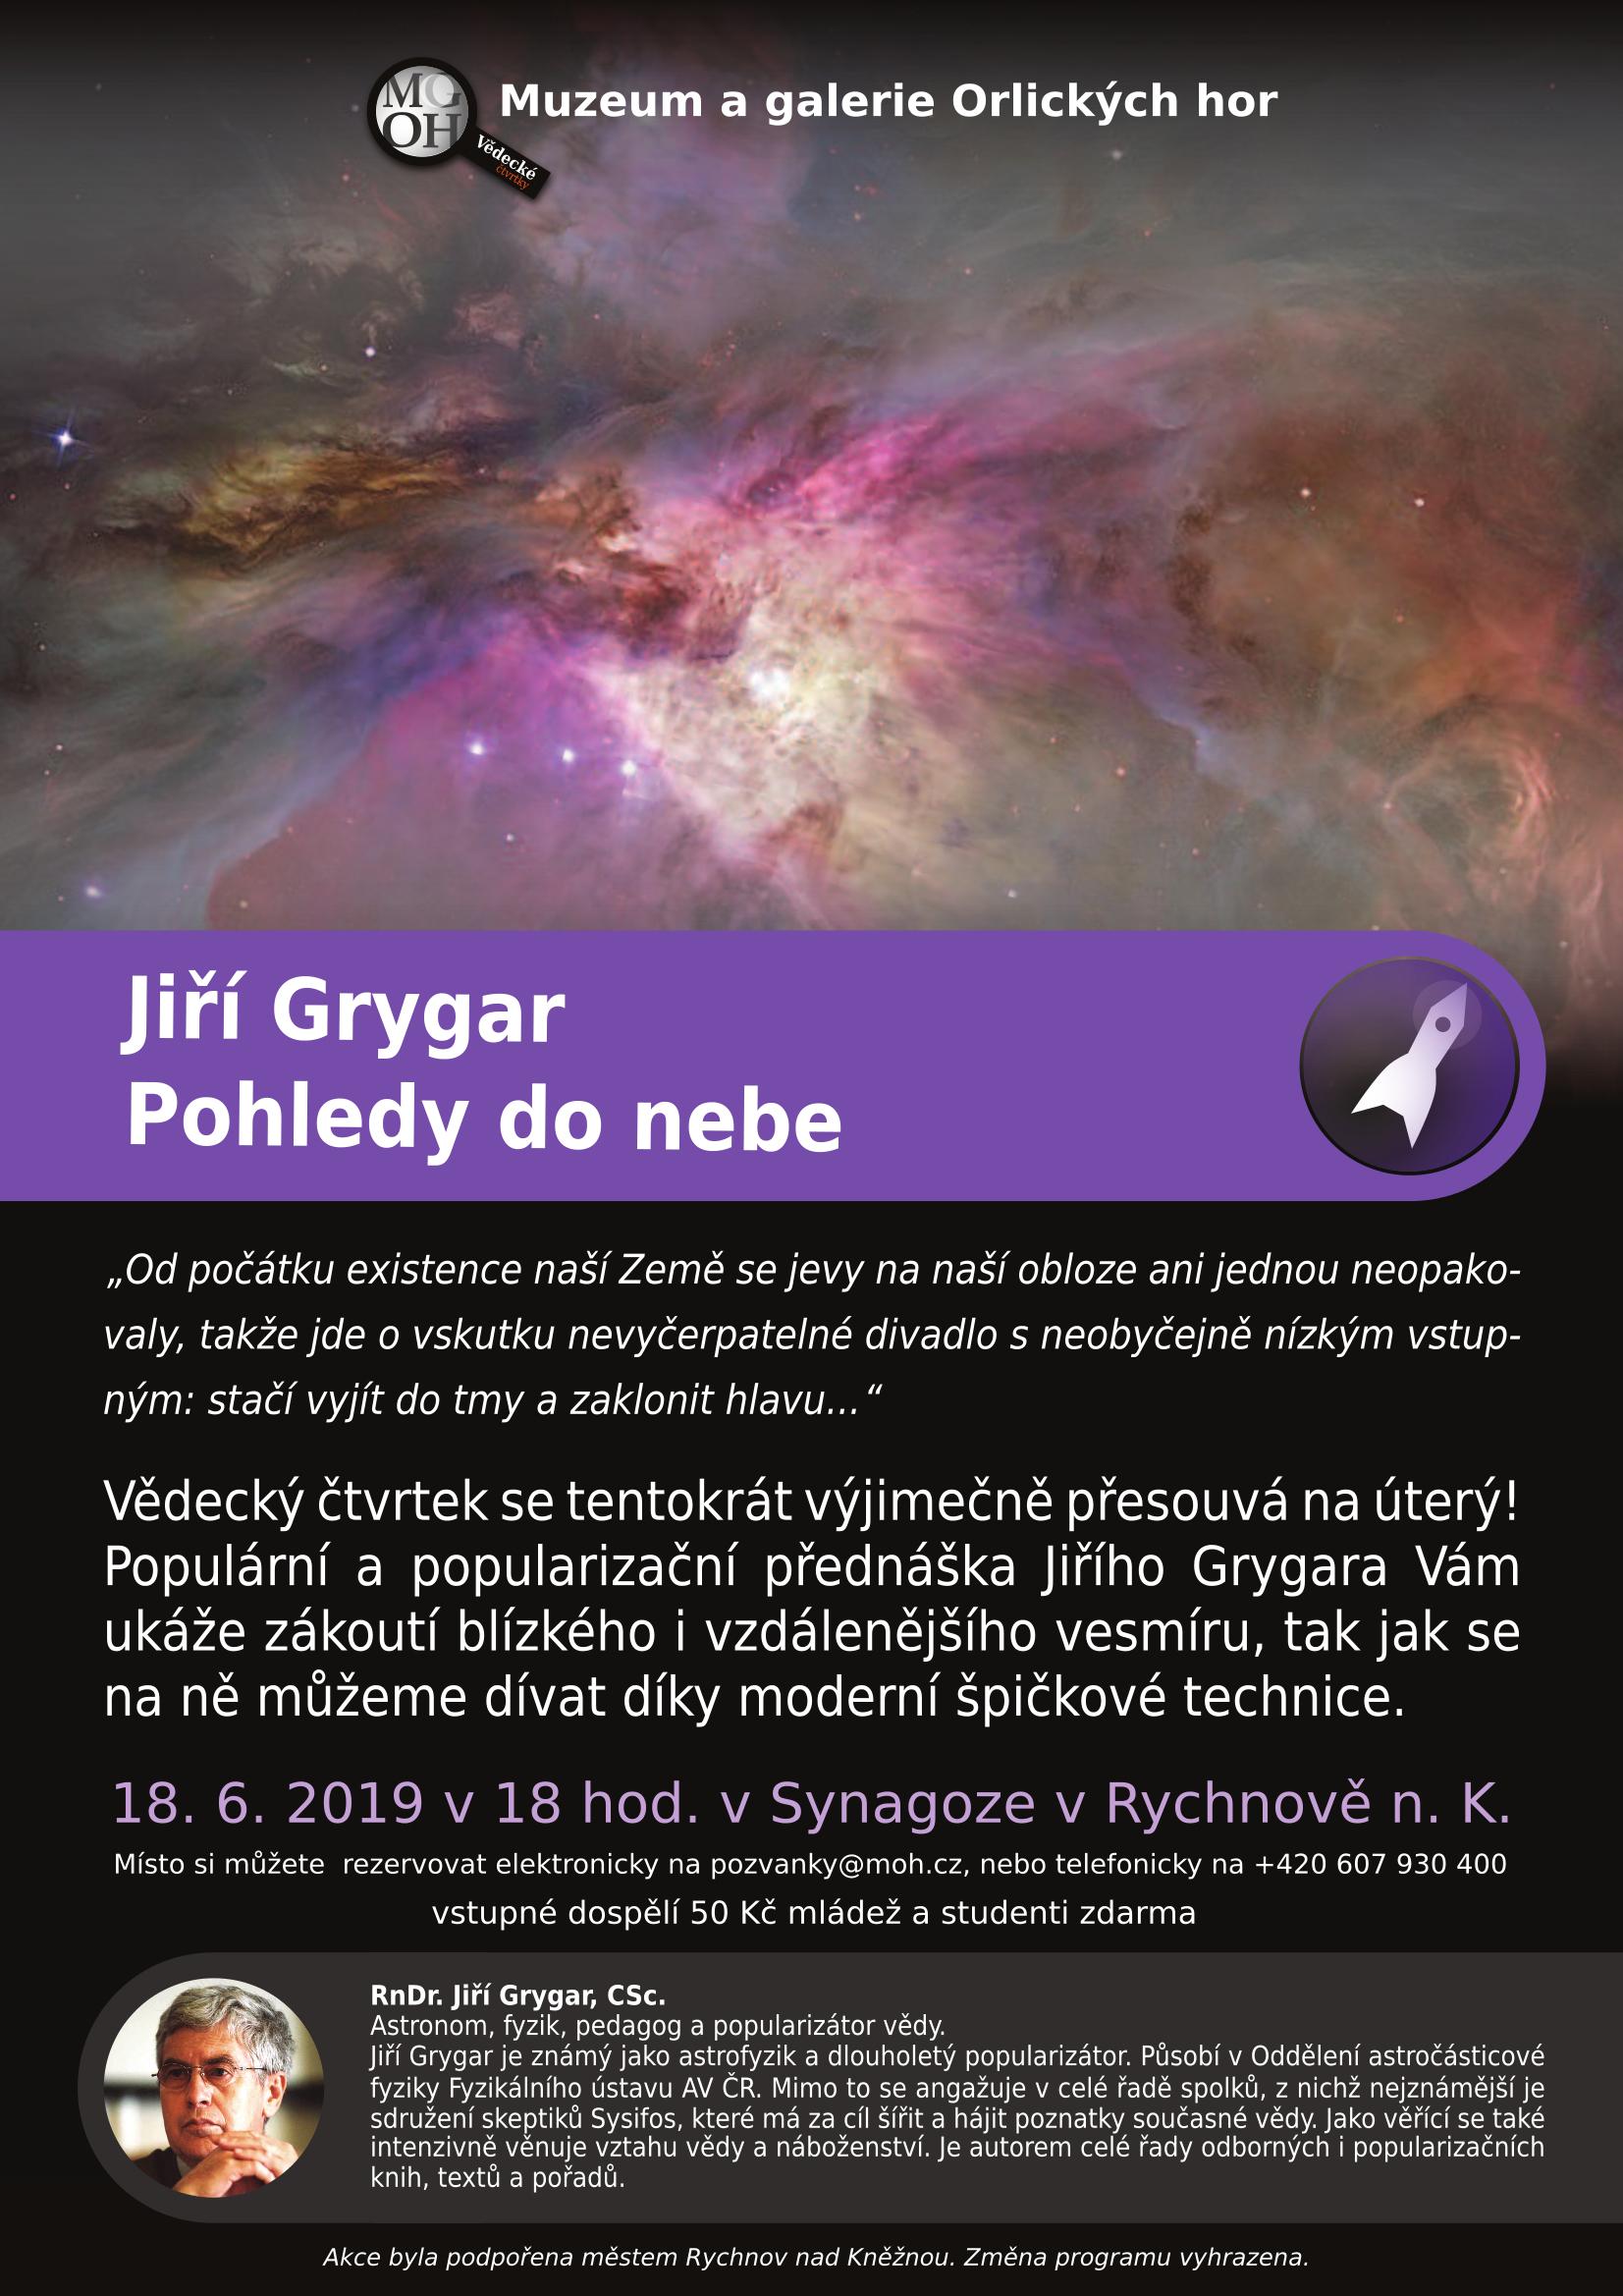 JIŘÍ GRYGAR - POHLEDY DO NEBE 18.6.2019